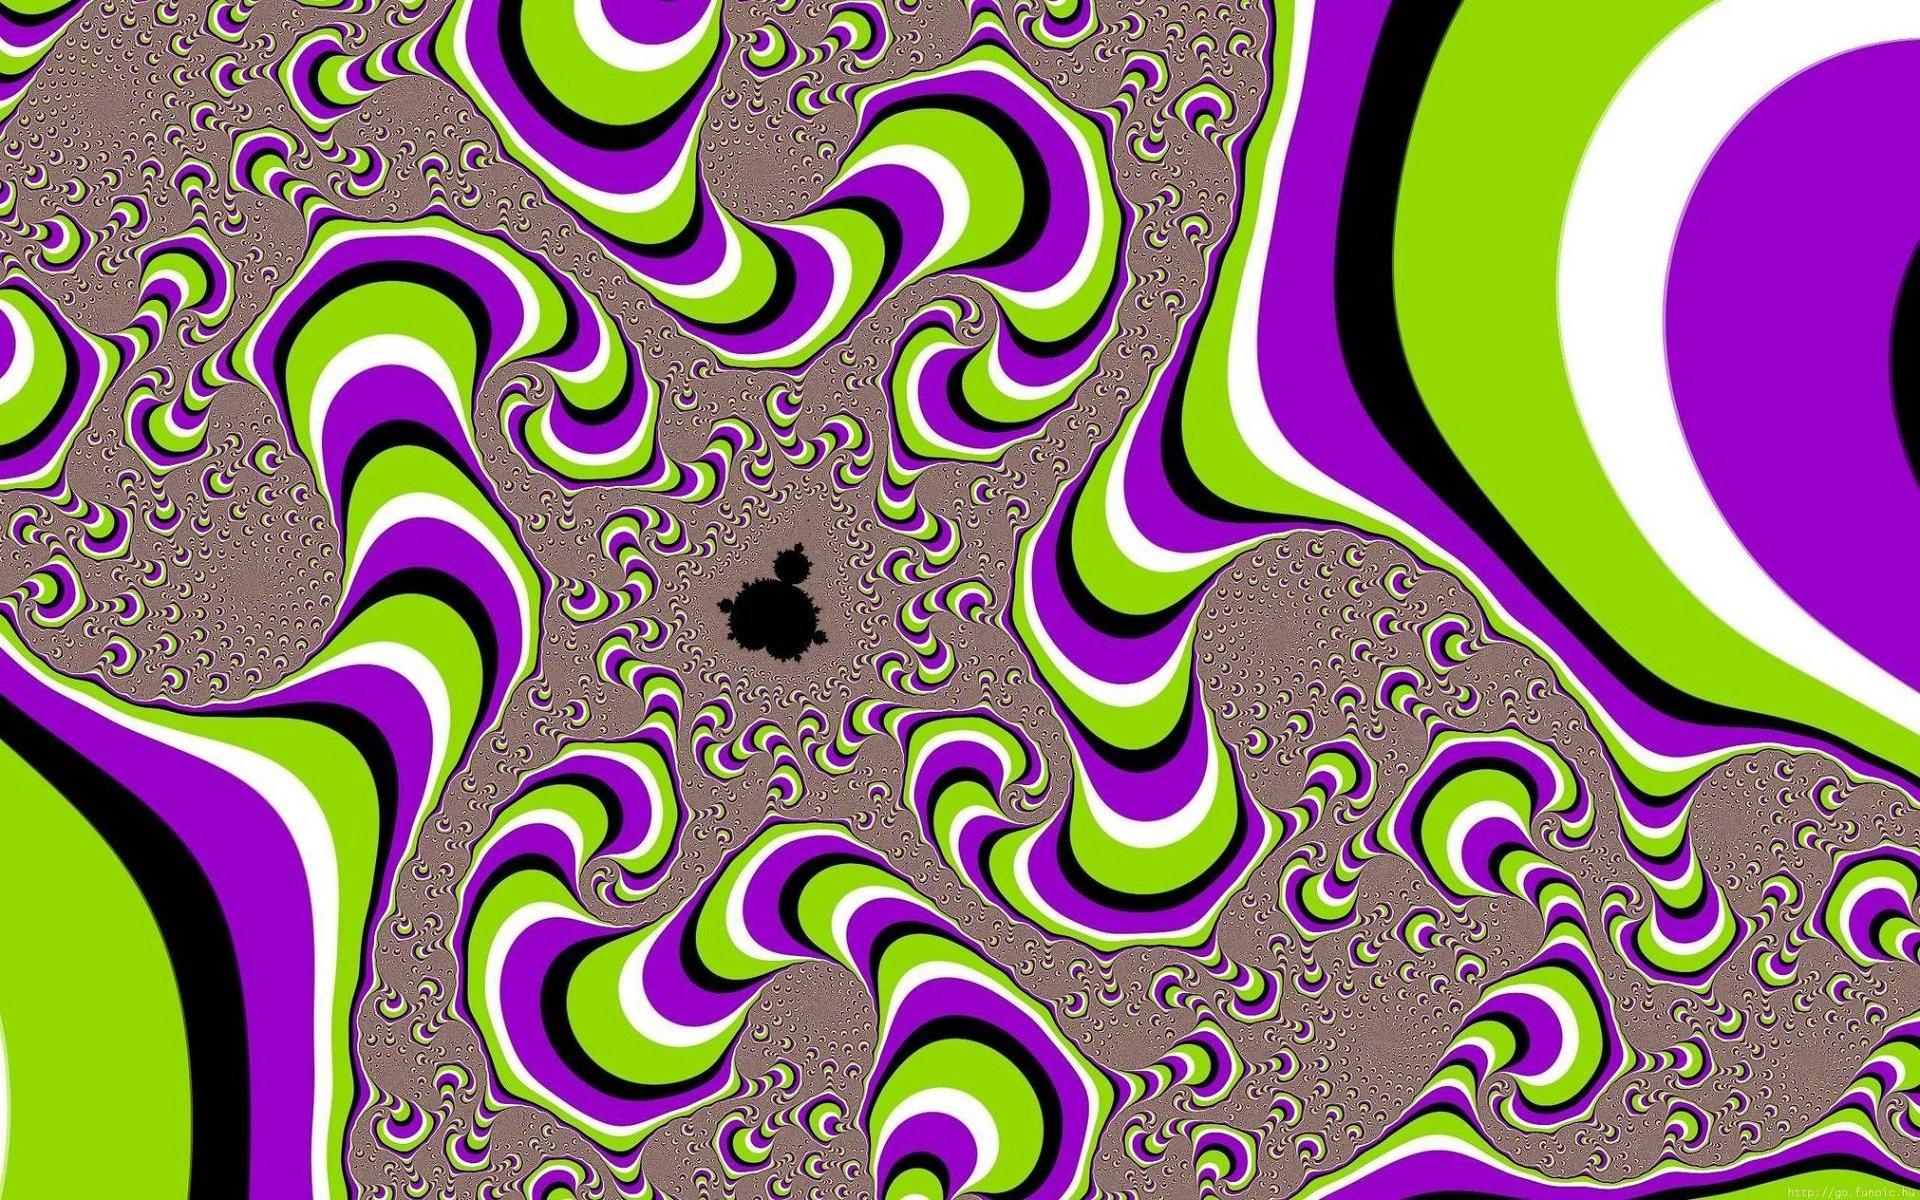 Illuminati Wallpaper 1080p – WallpaperSafari